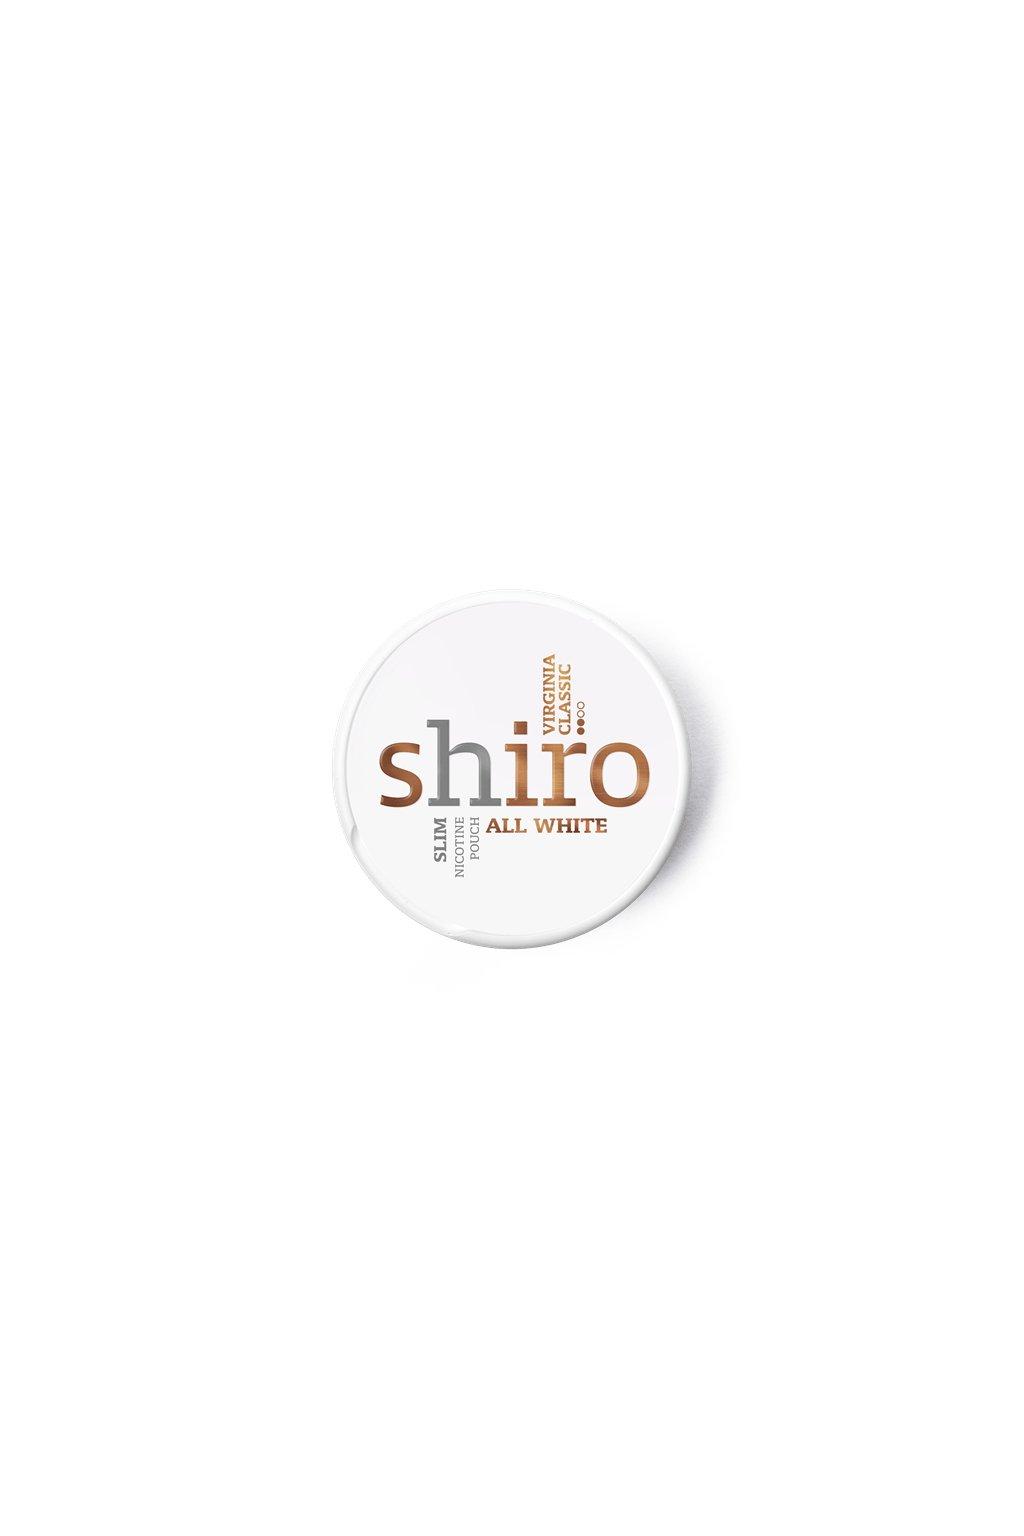 Shiro virginia classic nikotinove sacky nordiction